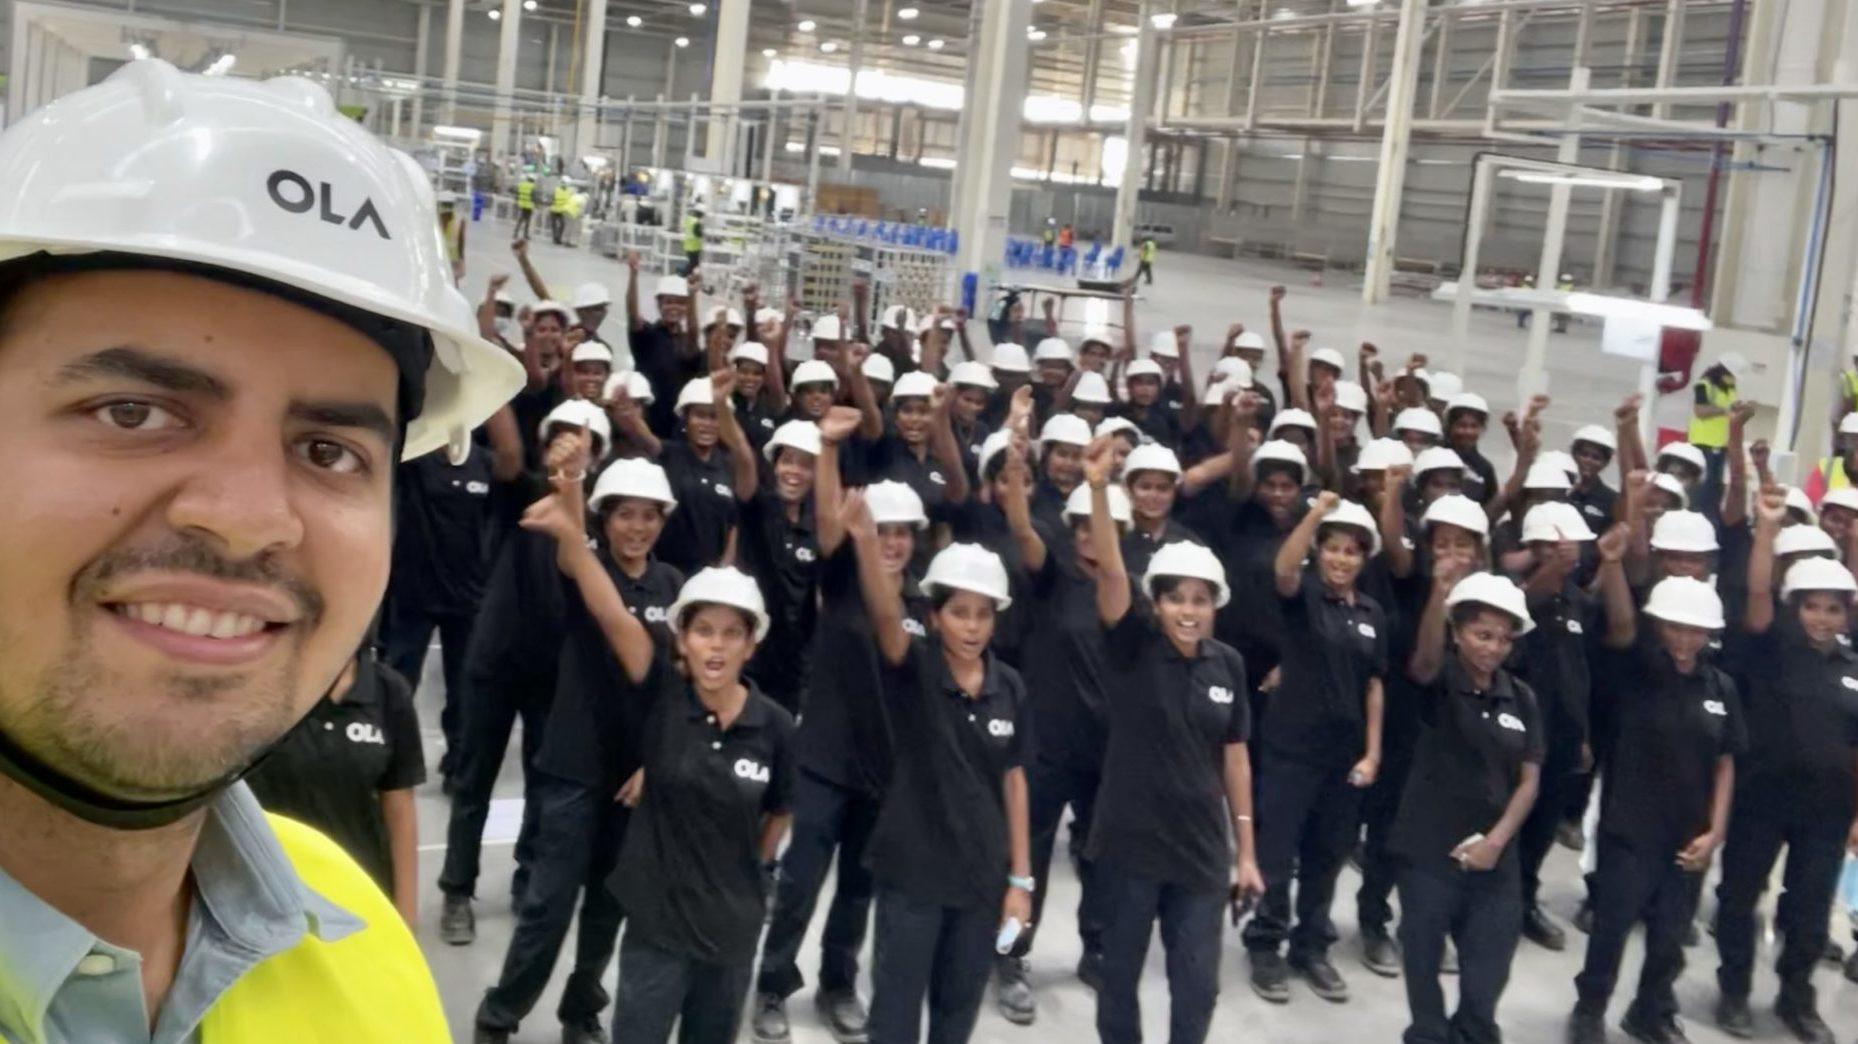 ola women workforce